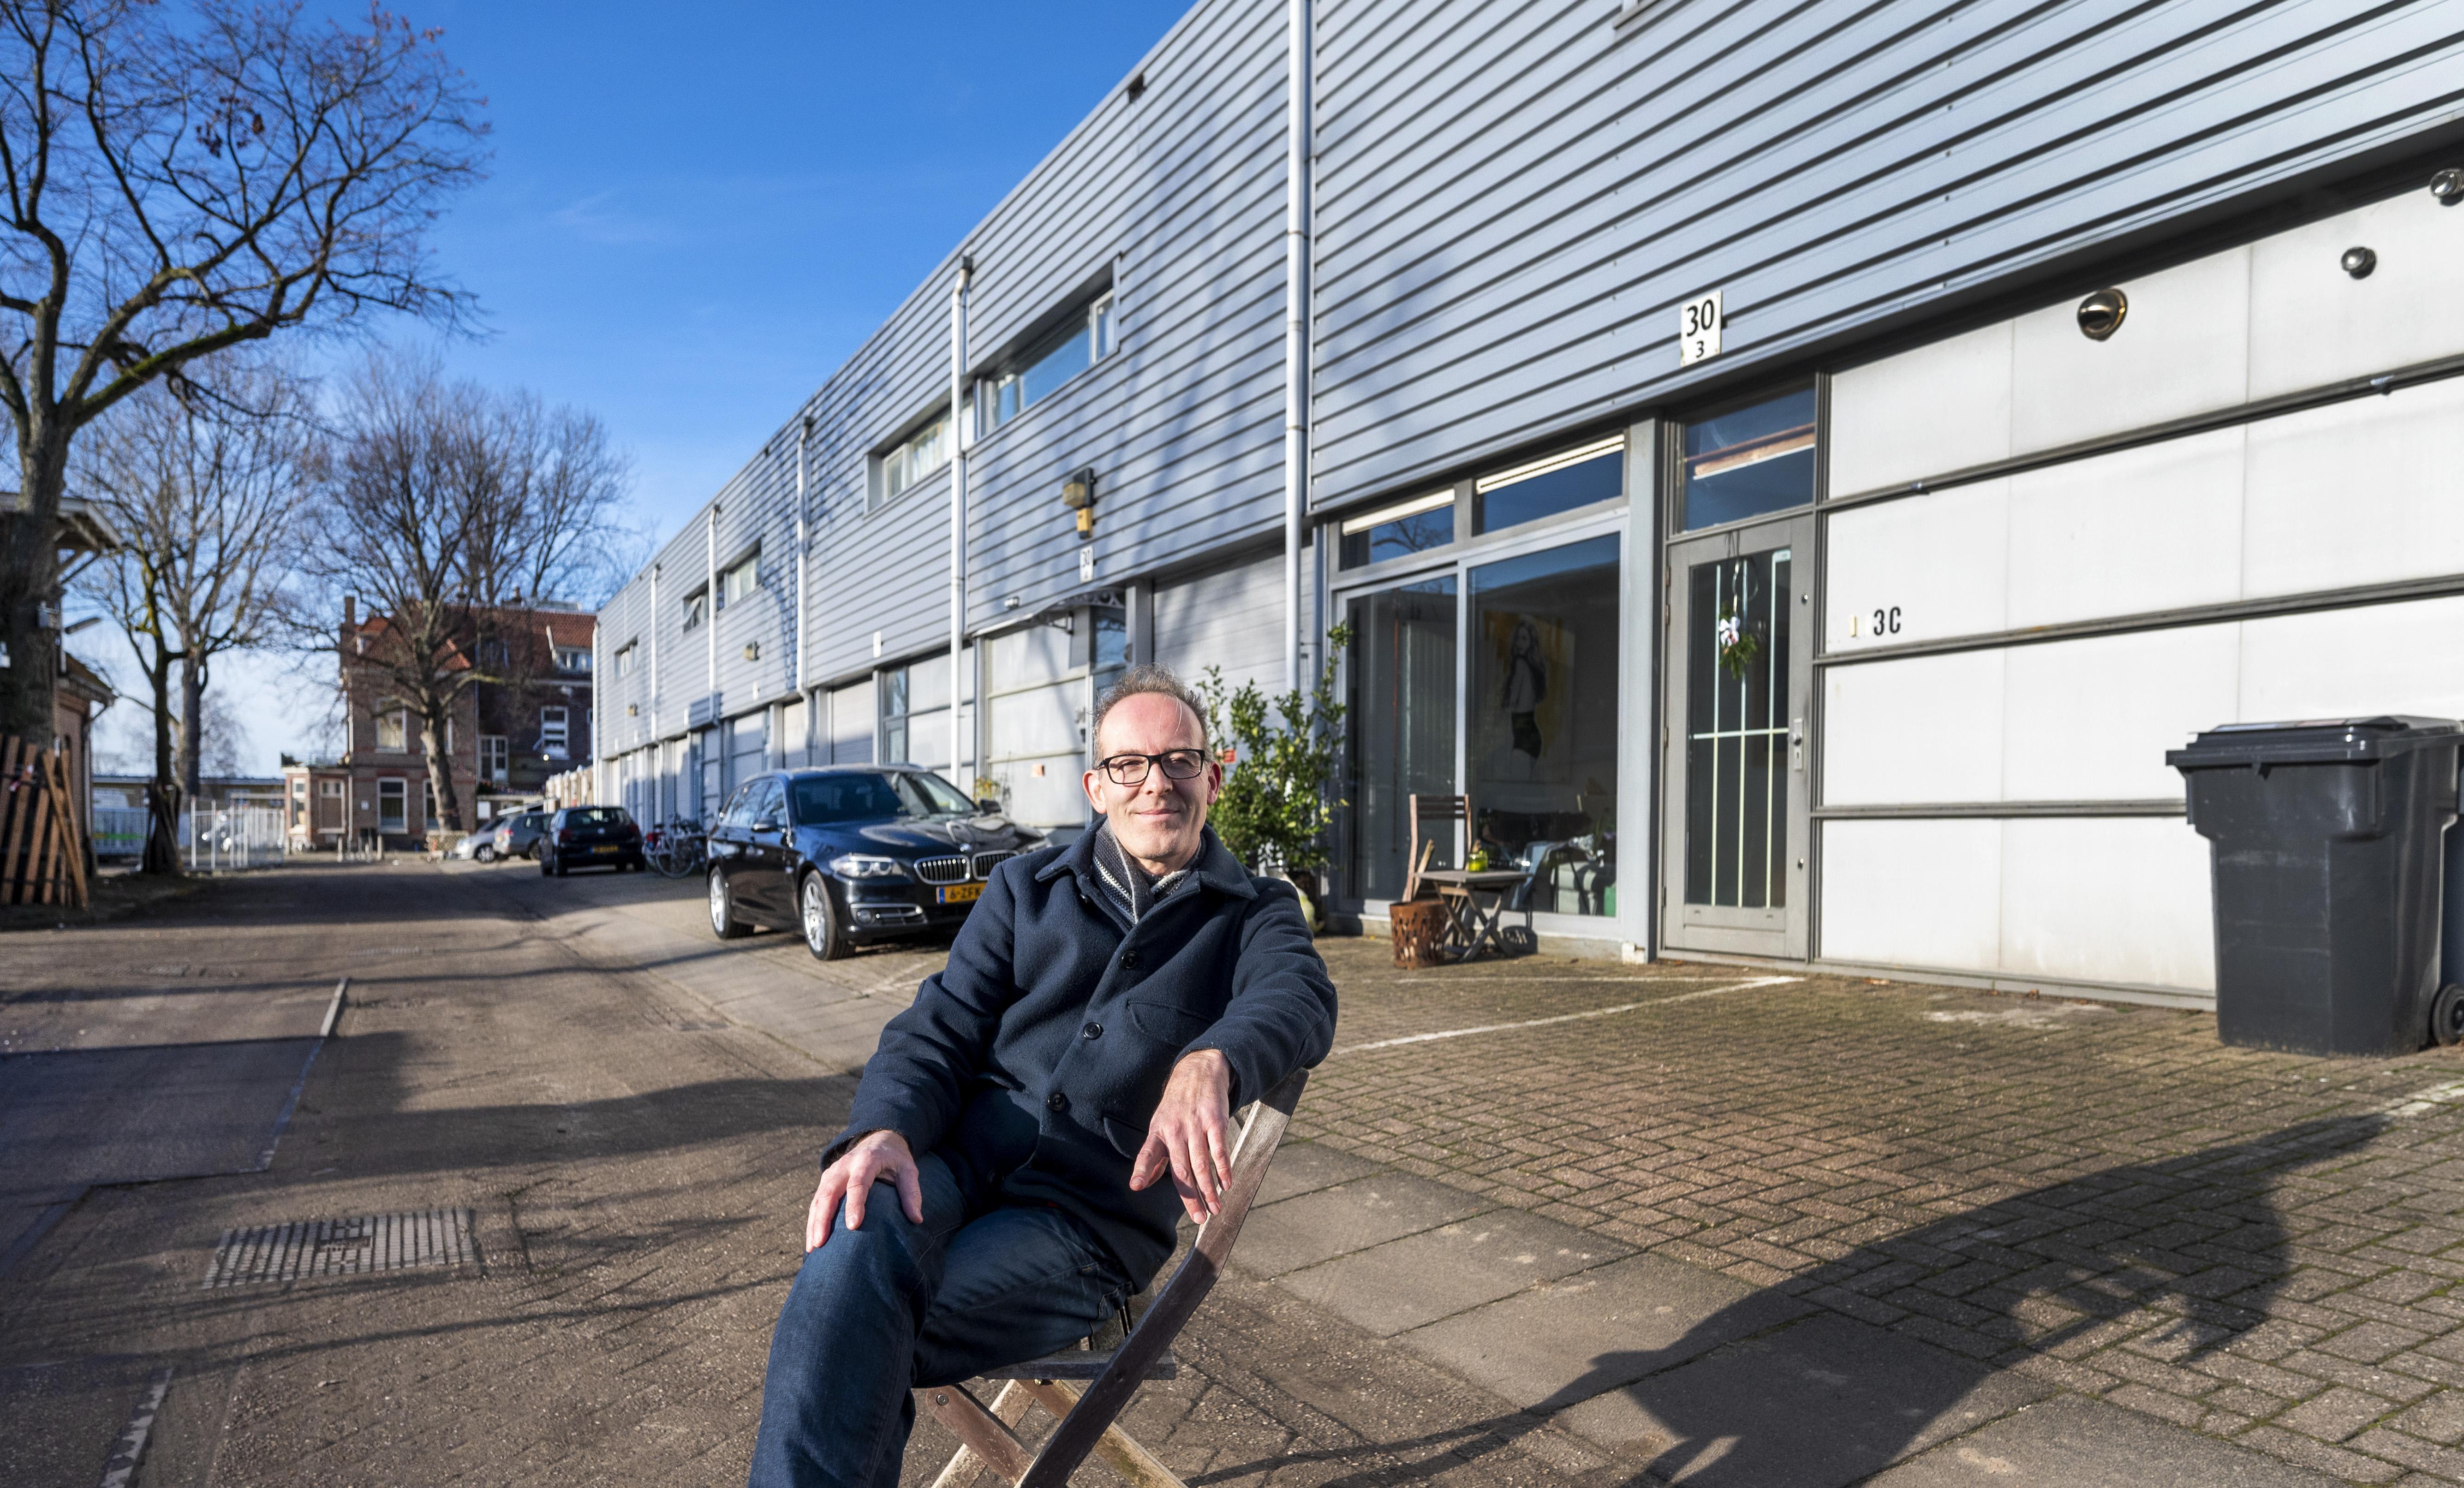 Ernstige vertraging dreigt voor nieuwbouw Slachthuisdistrict, bezwaarprocedure zit gemeente Haarlem en ontwikkelaar in de weg